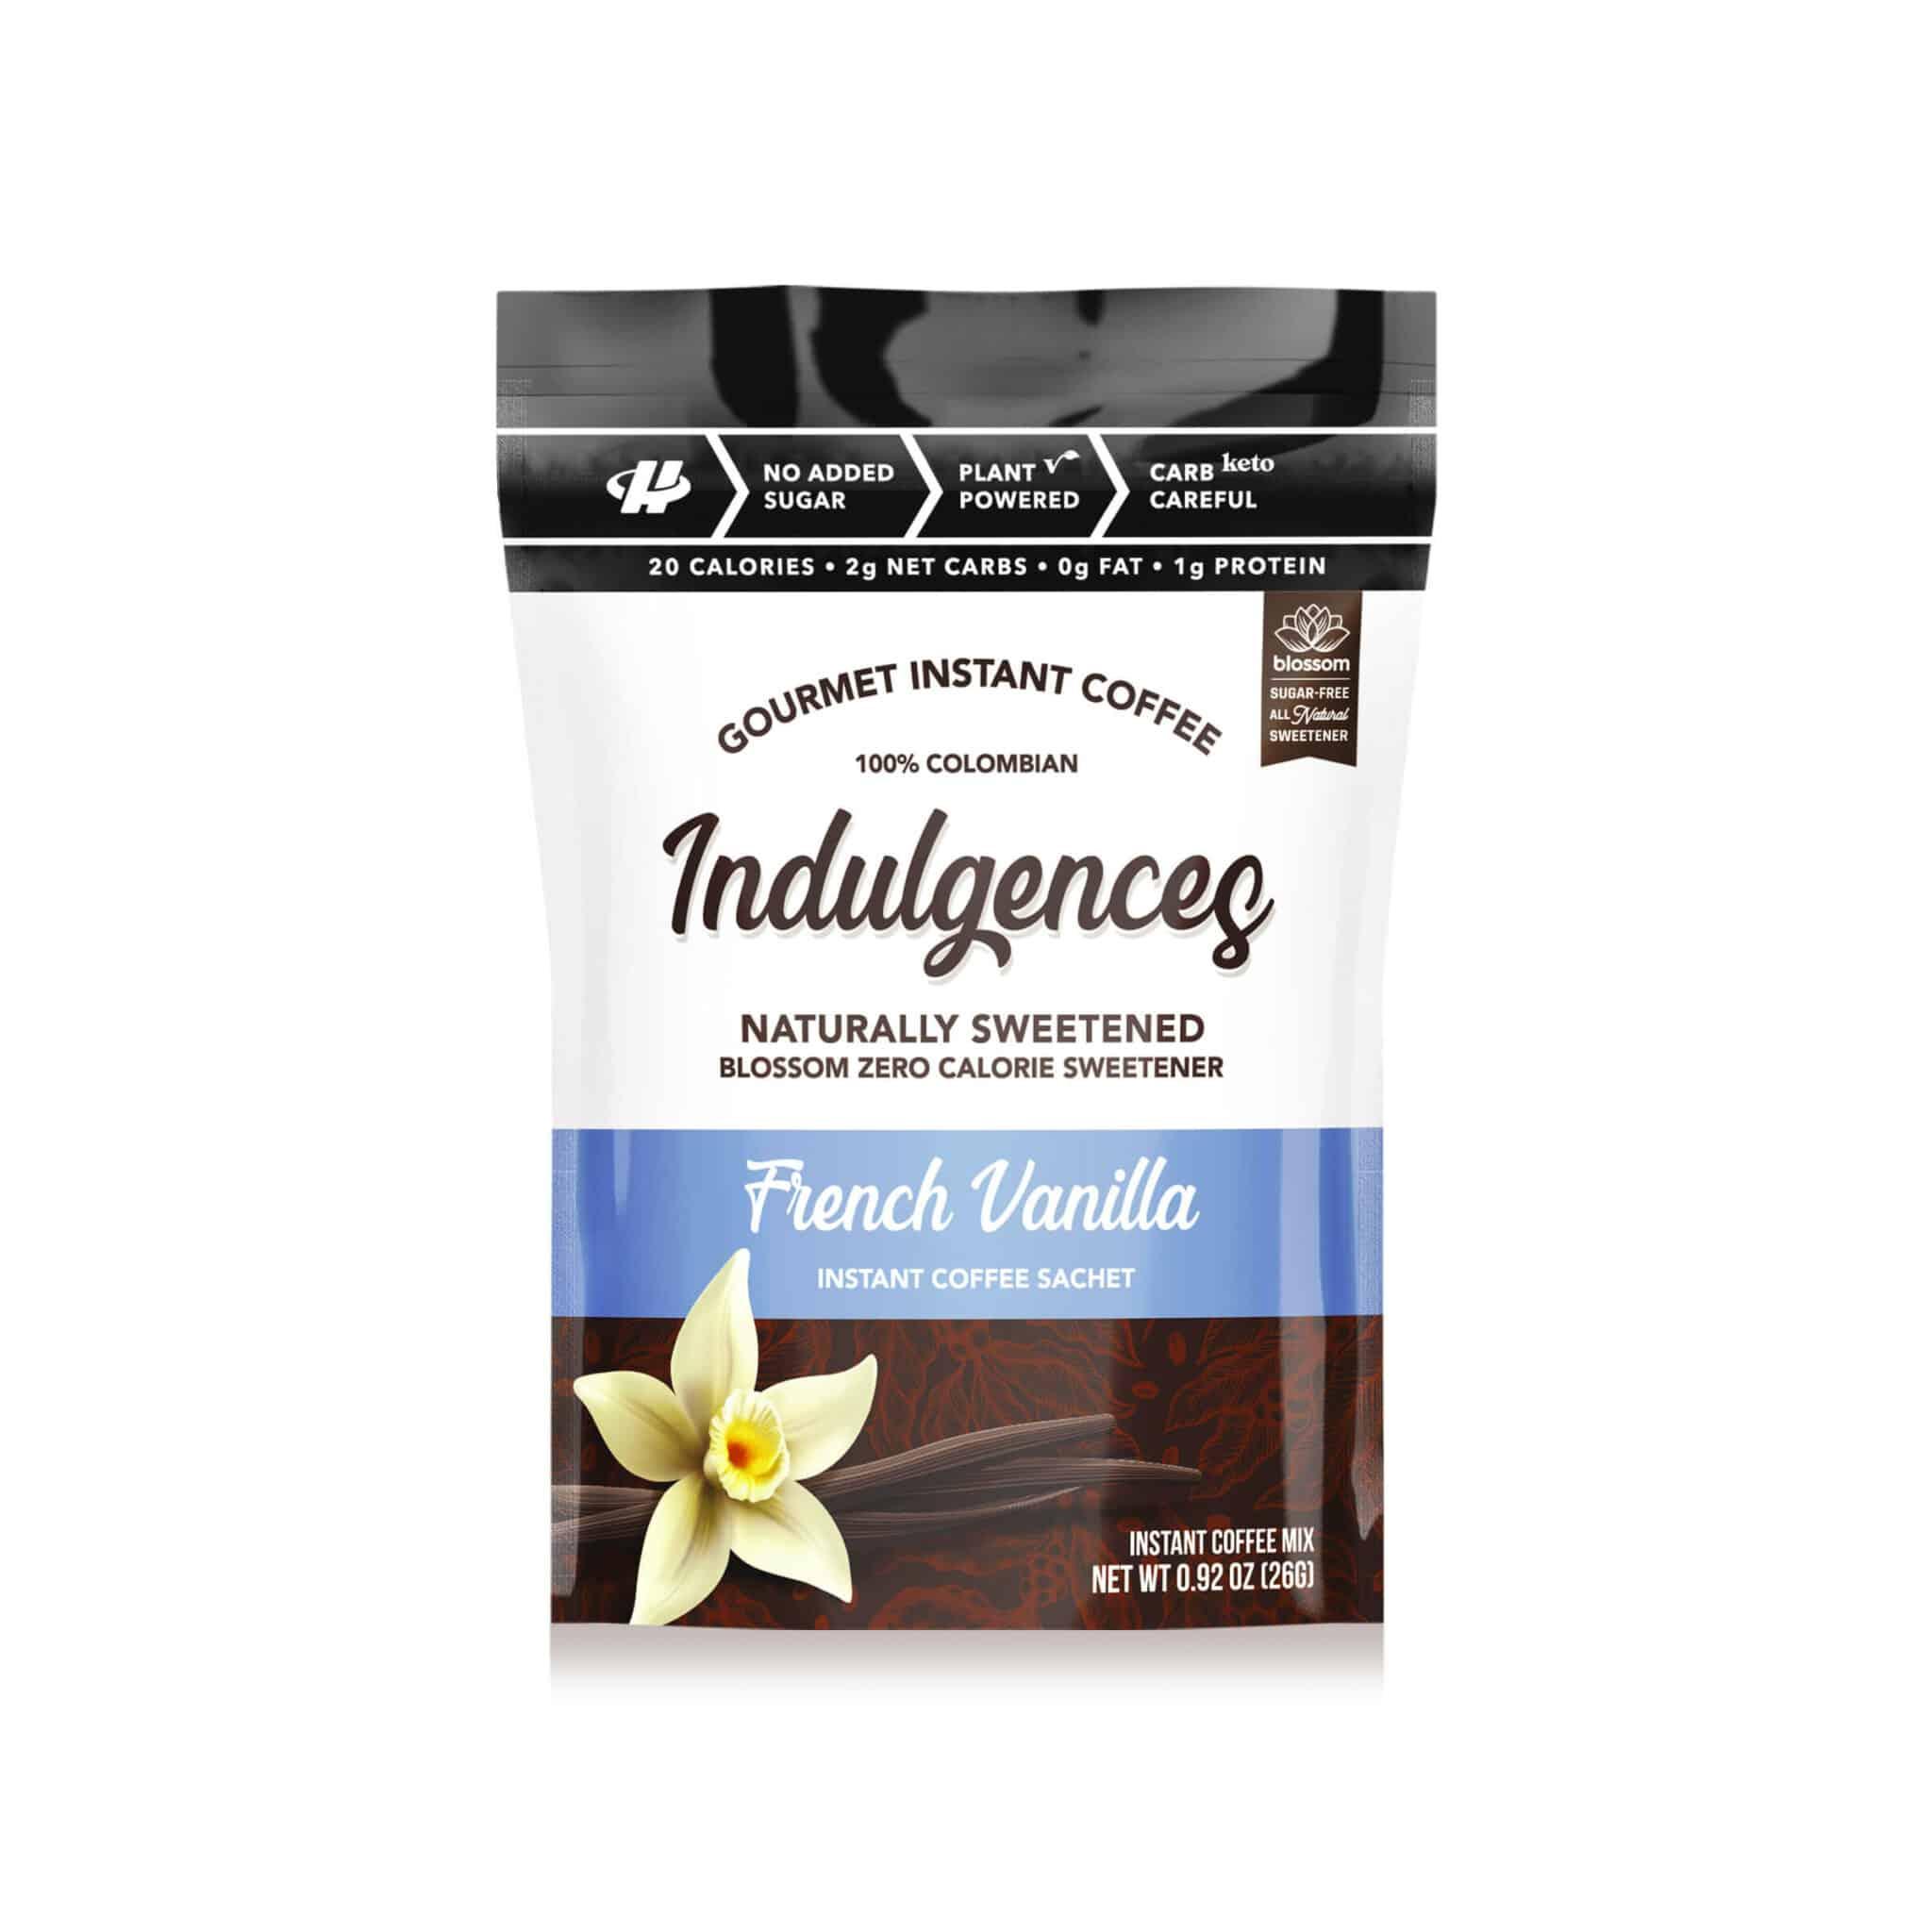 Indulgences-French-Vanilla-Coffee-scaled